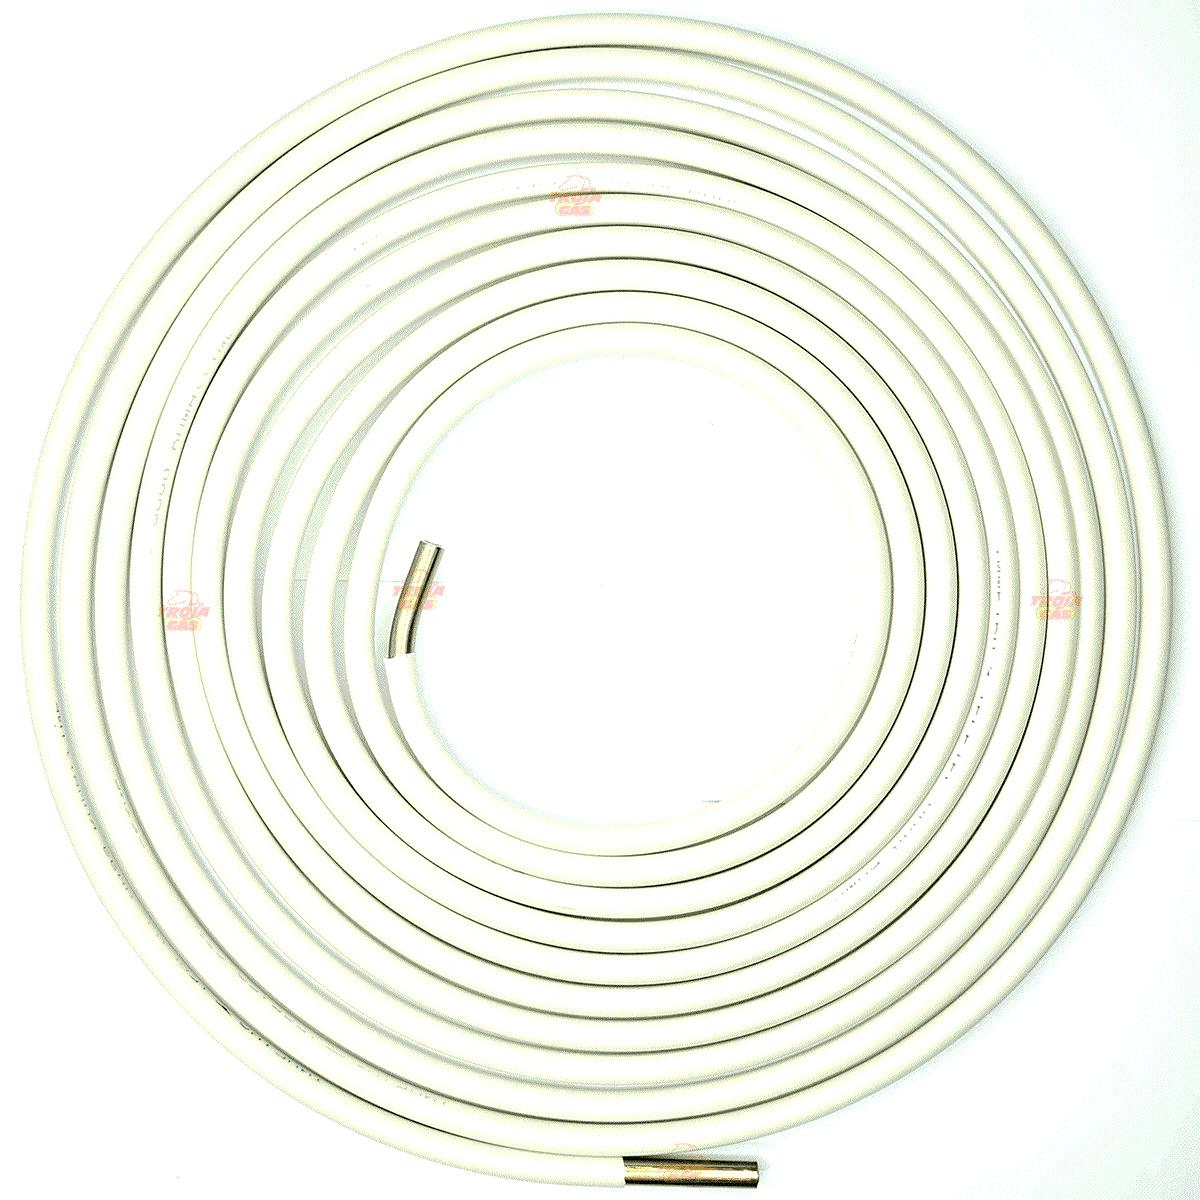 Tubo de Alta Pressão Aço Revestido Bicromatizado 6 metros GNV 6mm